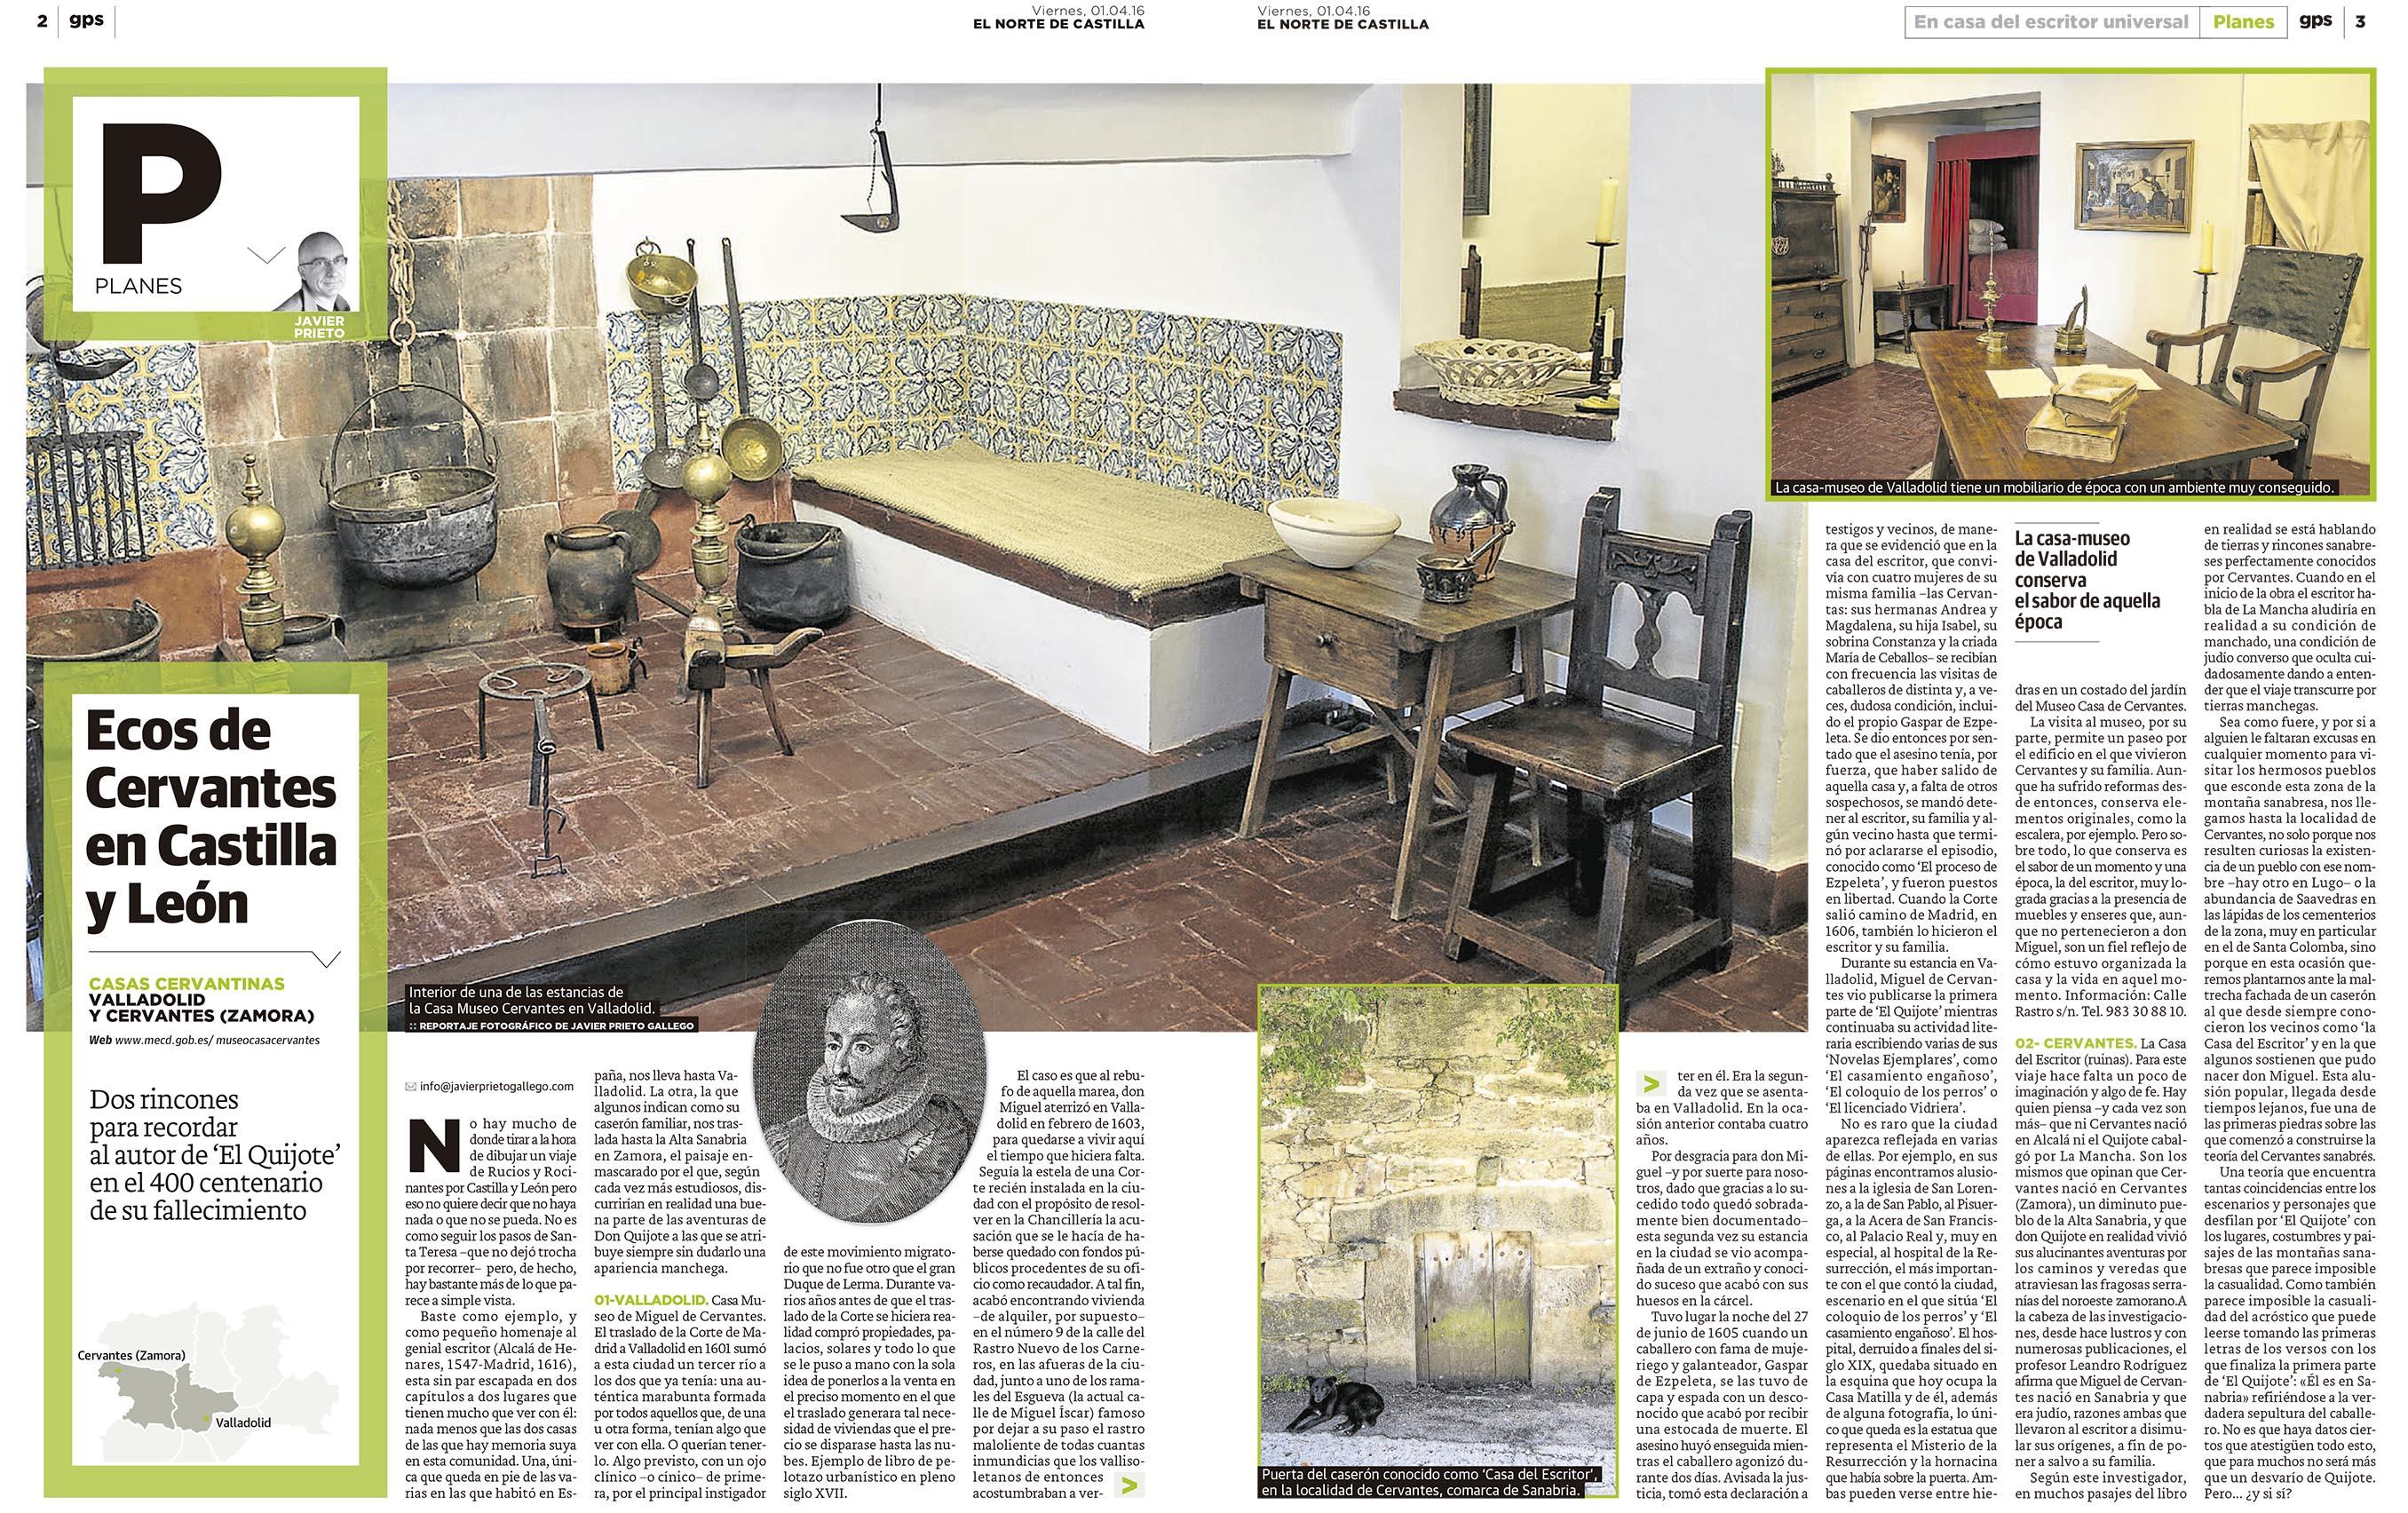 Cervantes en Castilla y León. Un reportaje de Javier Prieto Gallego en EL NORTE DE CASTILLA.